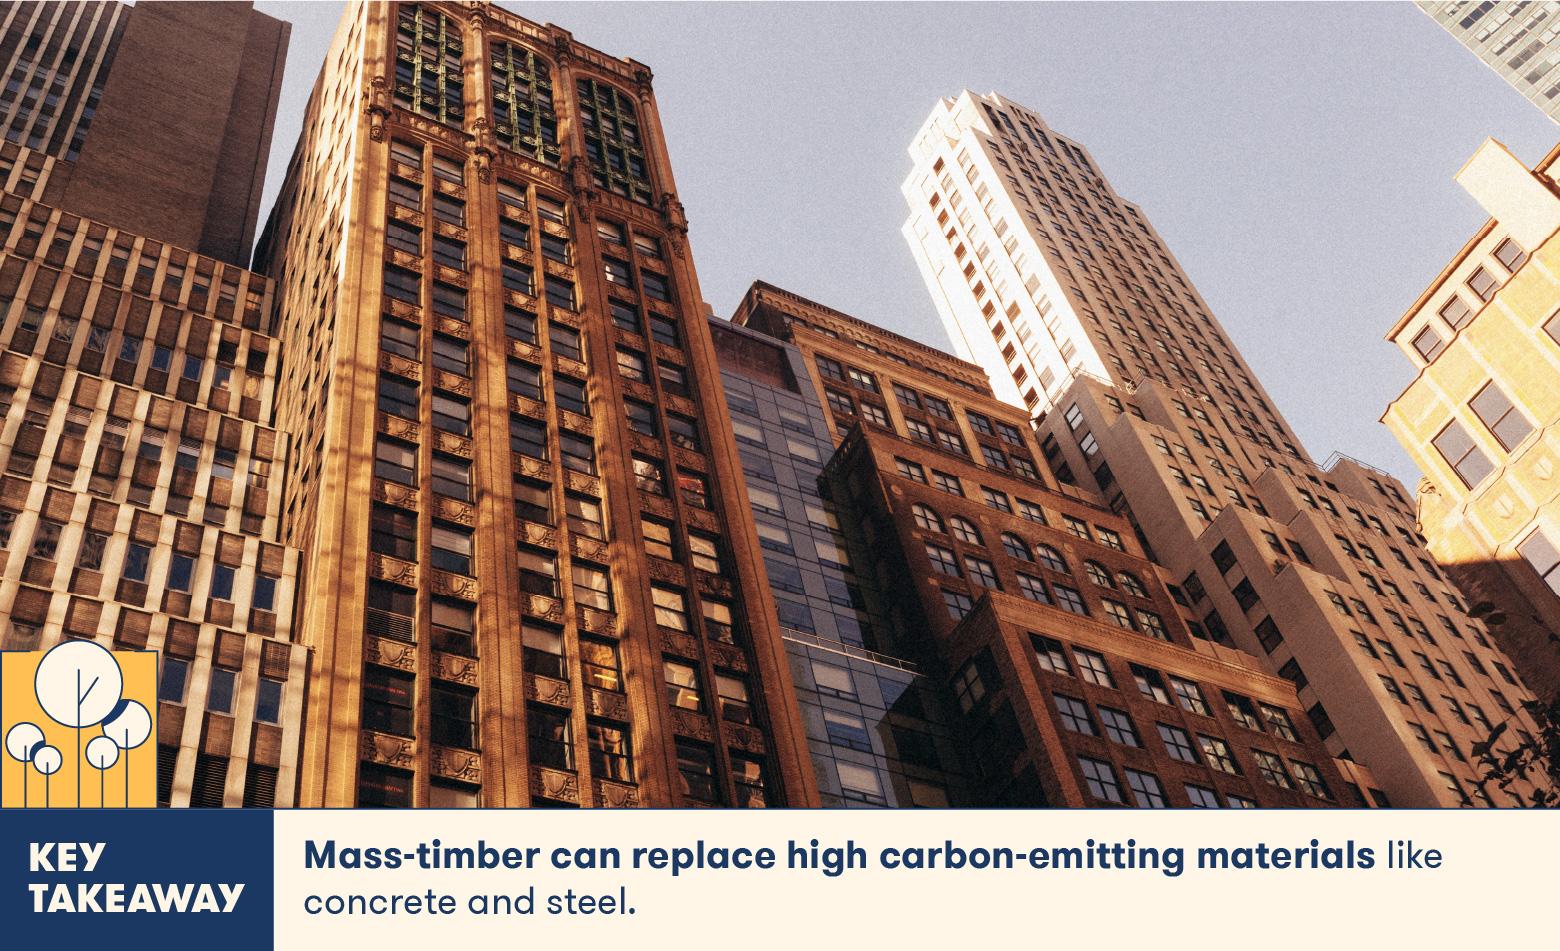 Mass timber can replace high carbon-emitting materials